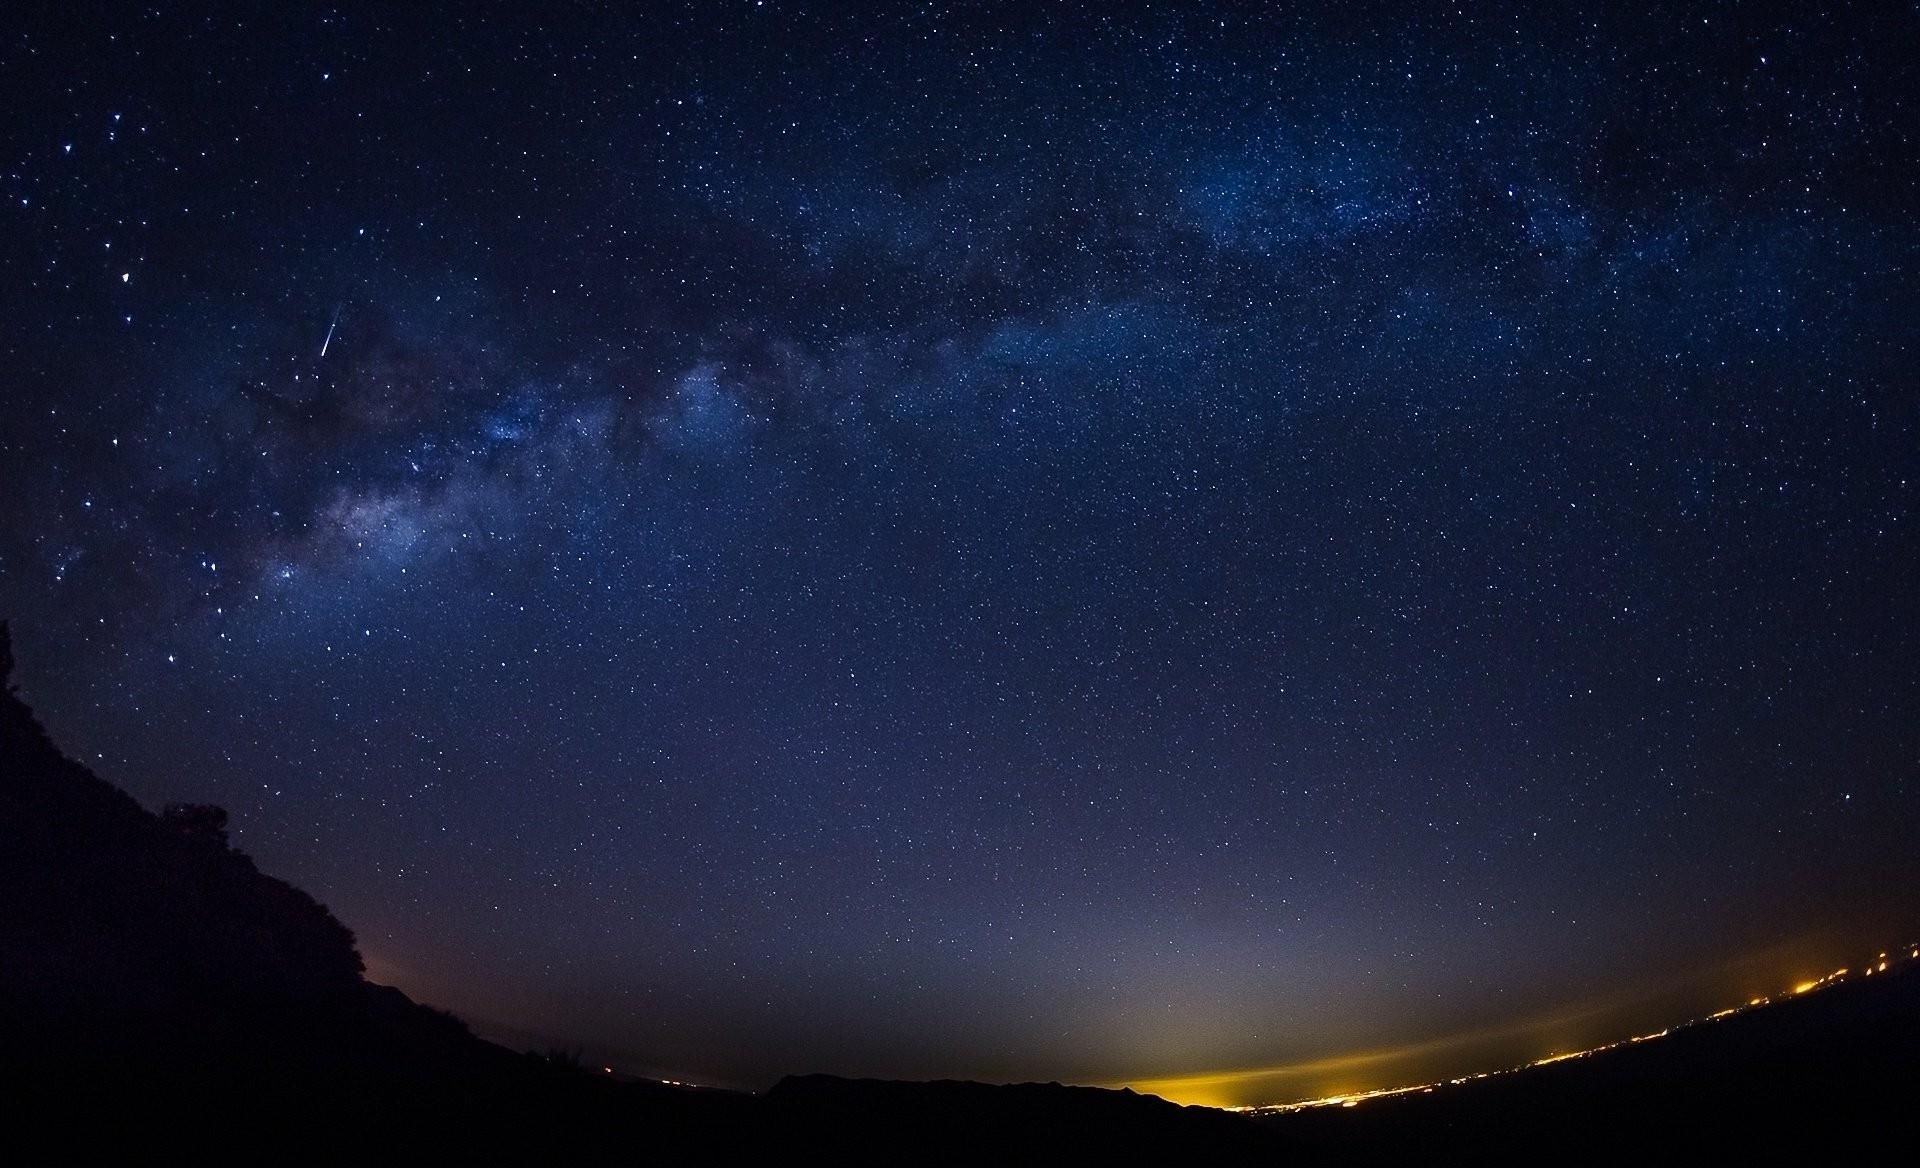 небо звезды фото для рабочего стола предлагаем картинки для